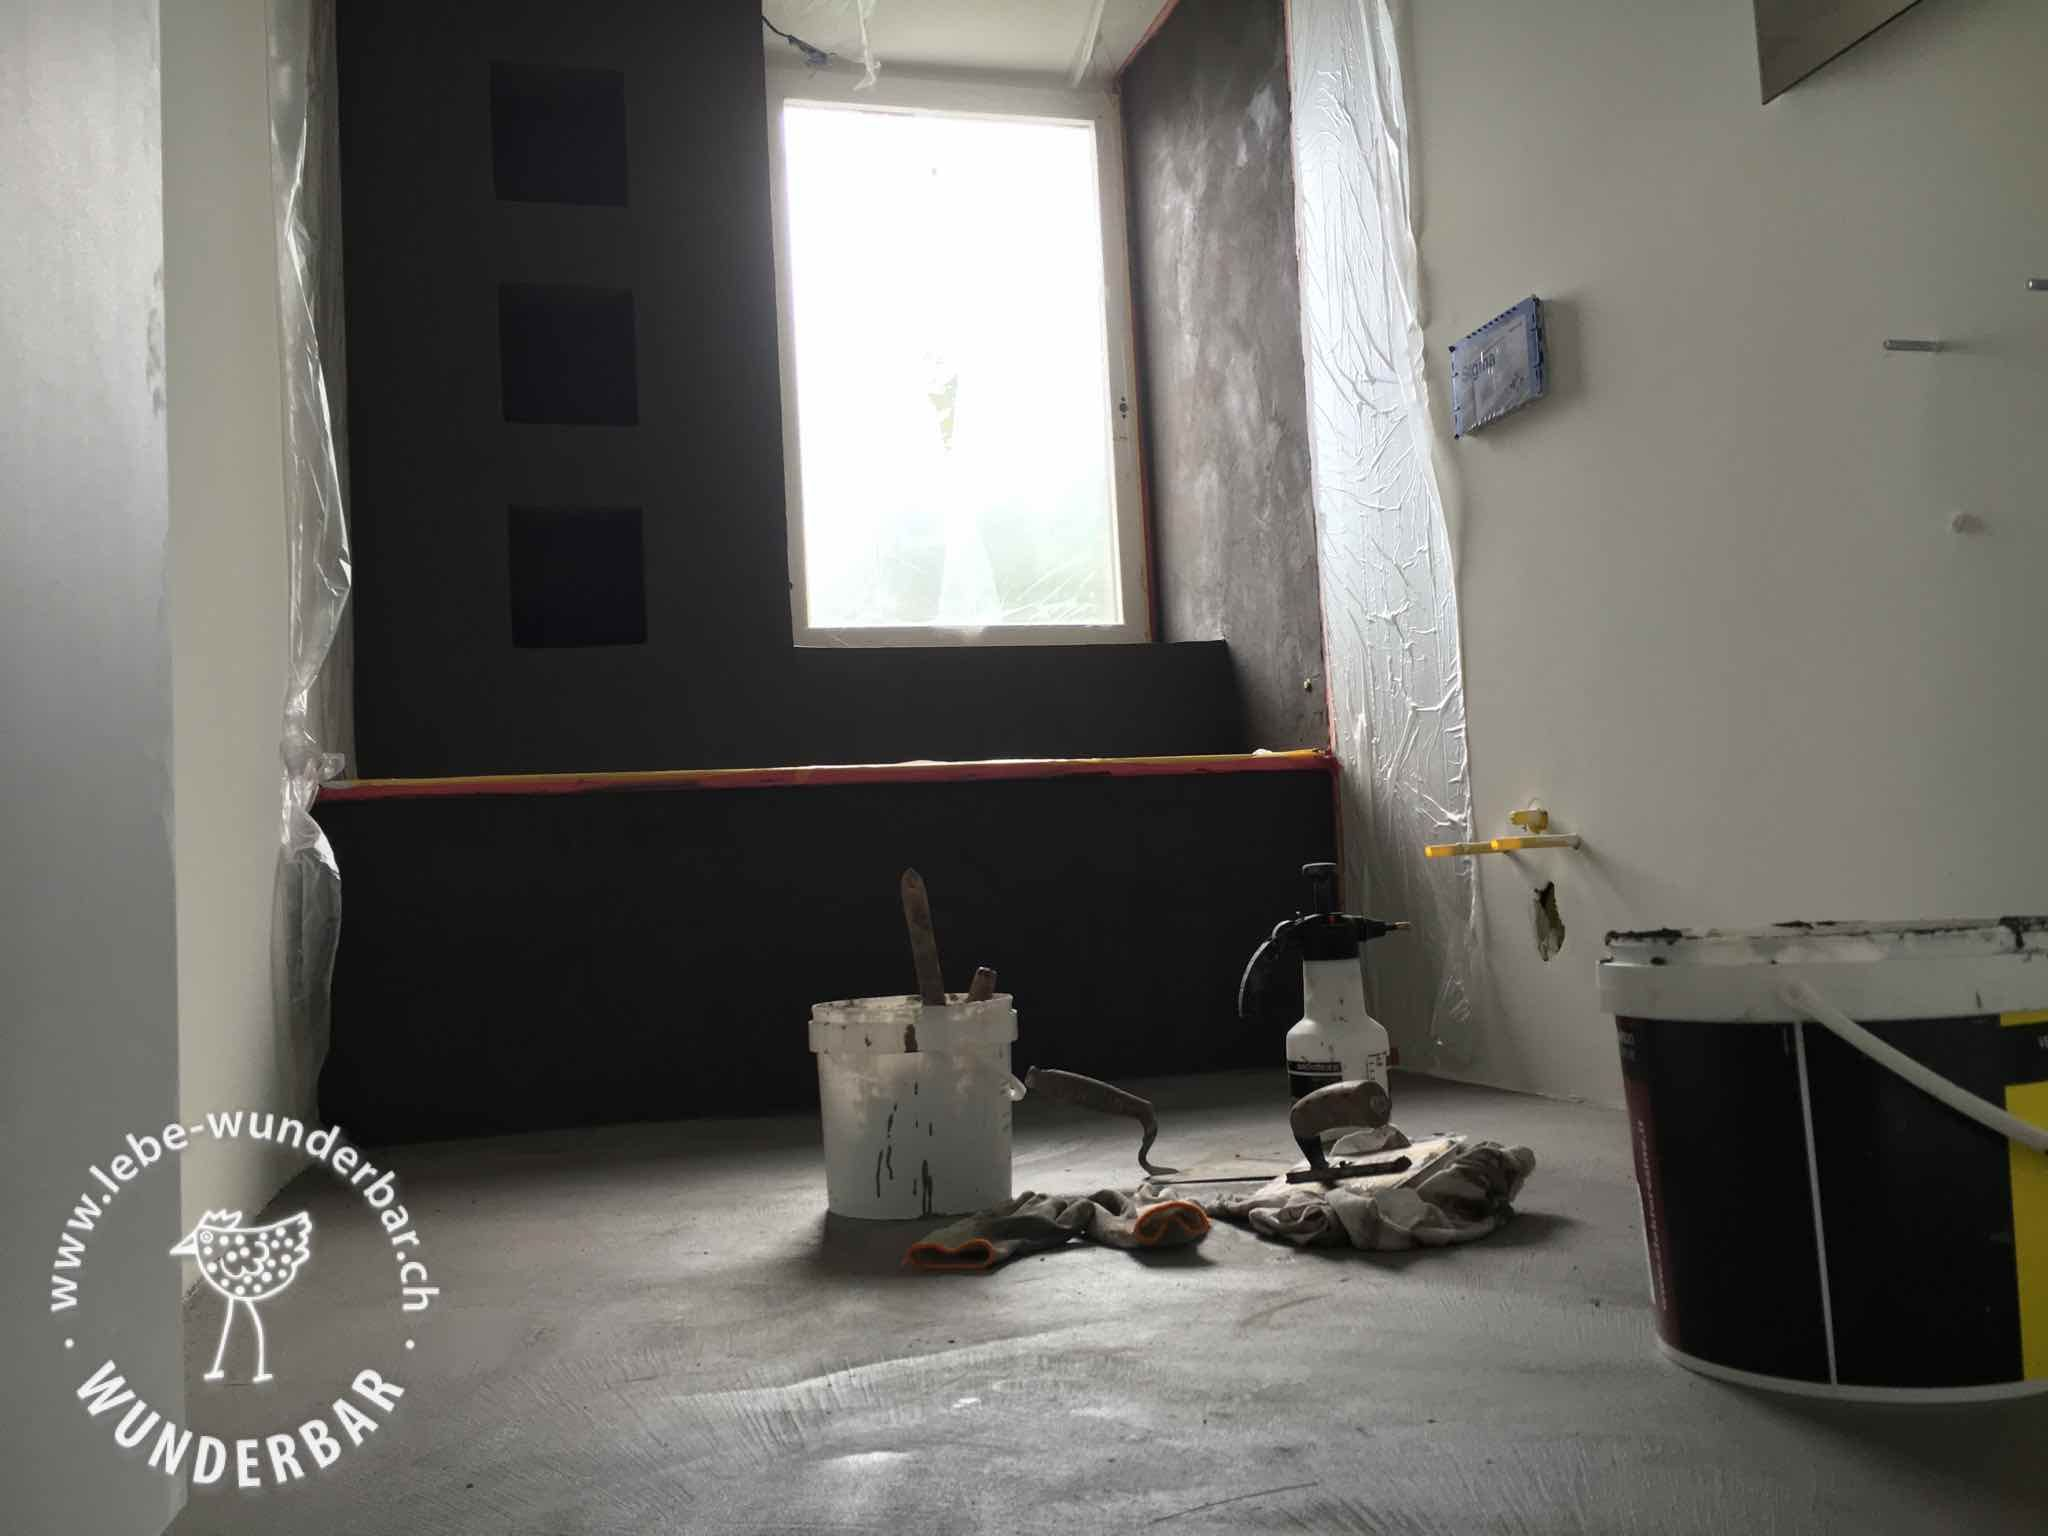 Schön Fugenloser Fußboden Galerie Von Gestaltung Für Farbige Wände & Fugenlose Bodenbeläge.